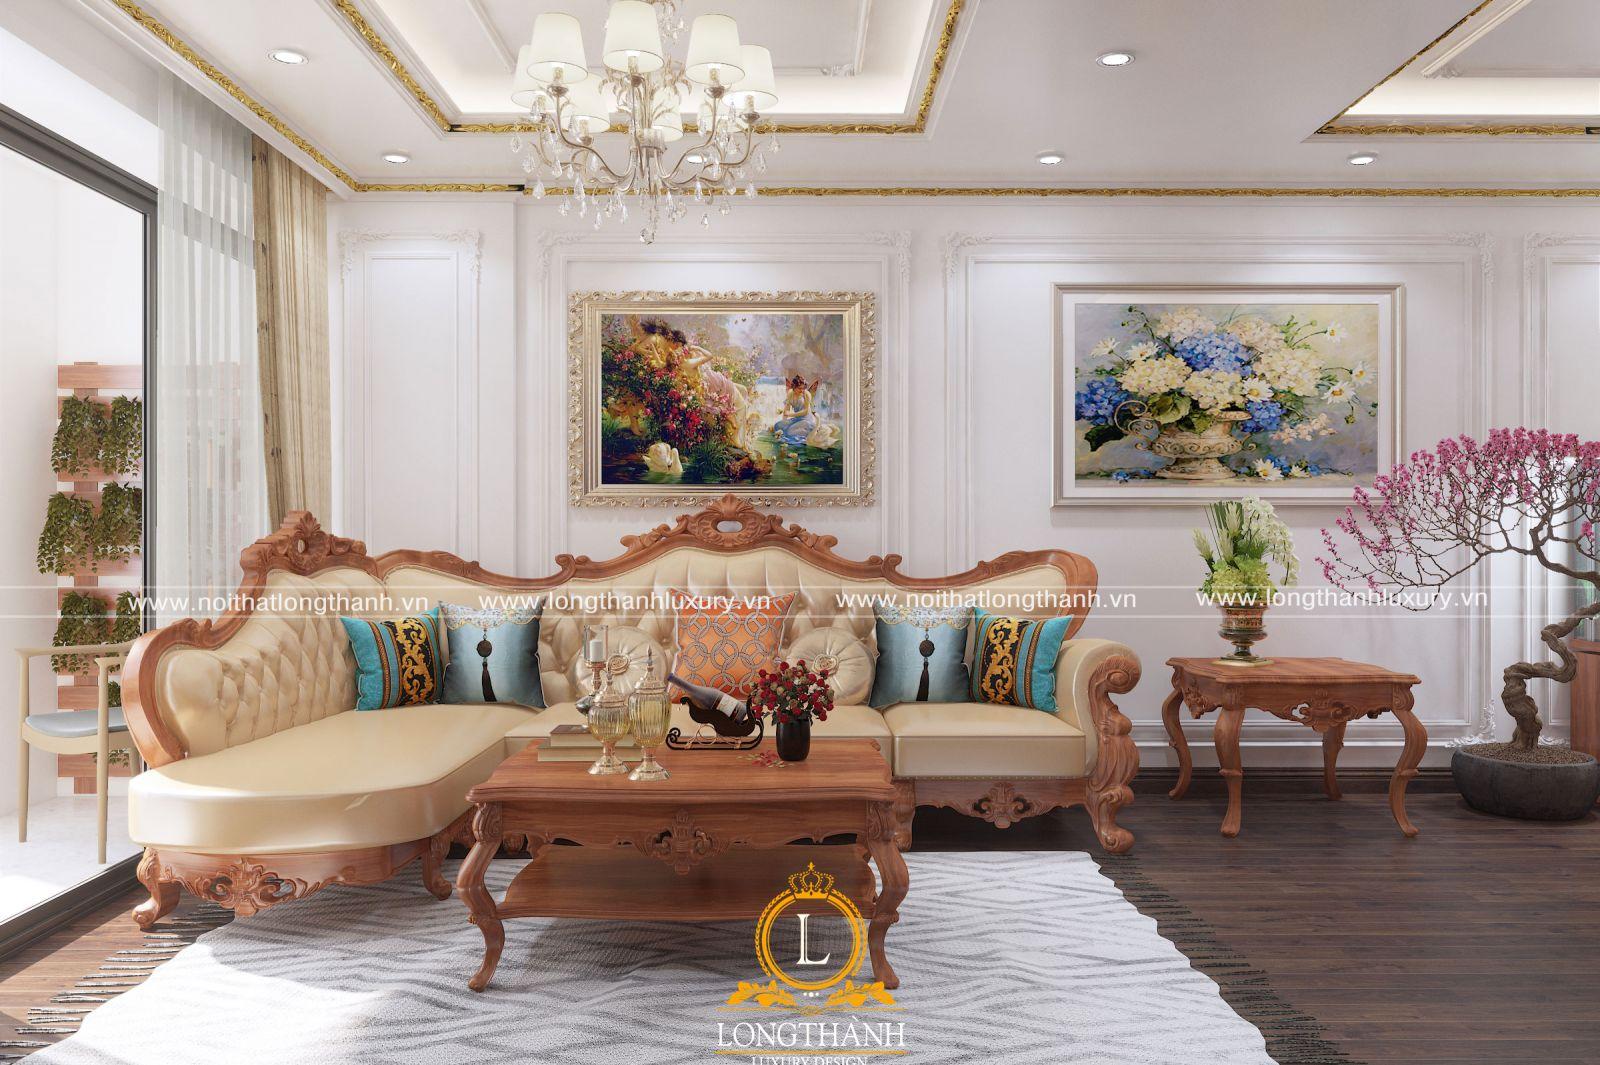 Những thiết kế sofa phòng khách gỗ sồi HOT nhất hiện nay